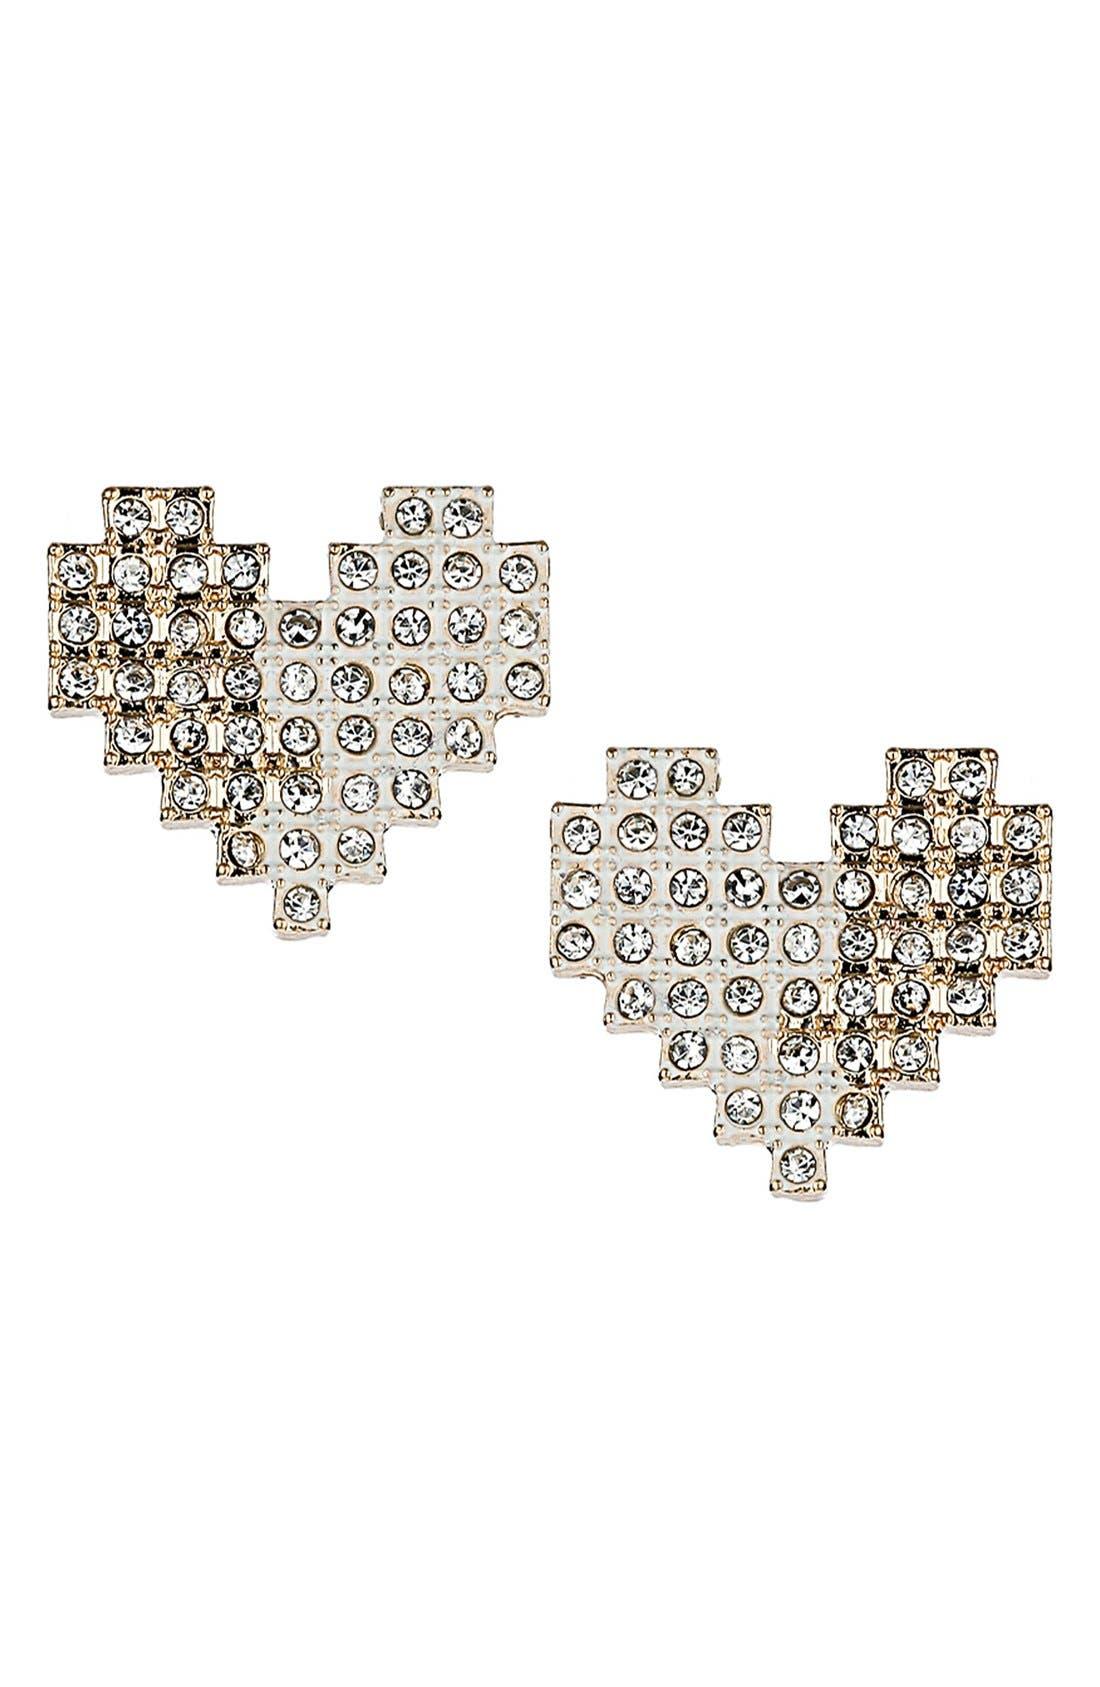 Alternate Image 1 Selected - Topshop Pixelated Heart Stud Earrings